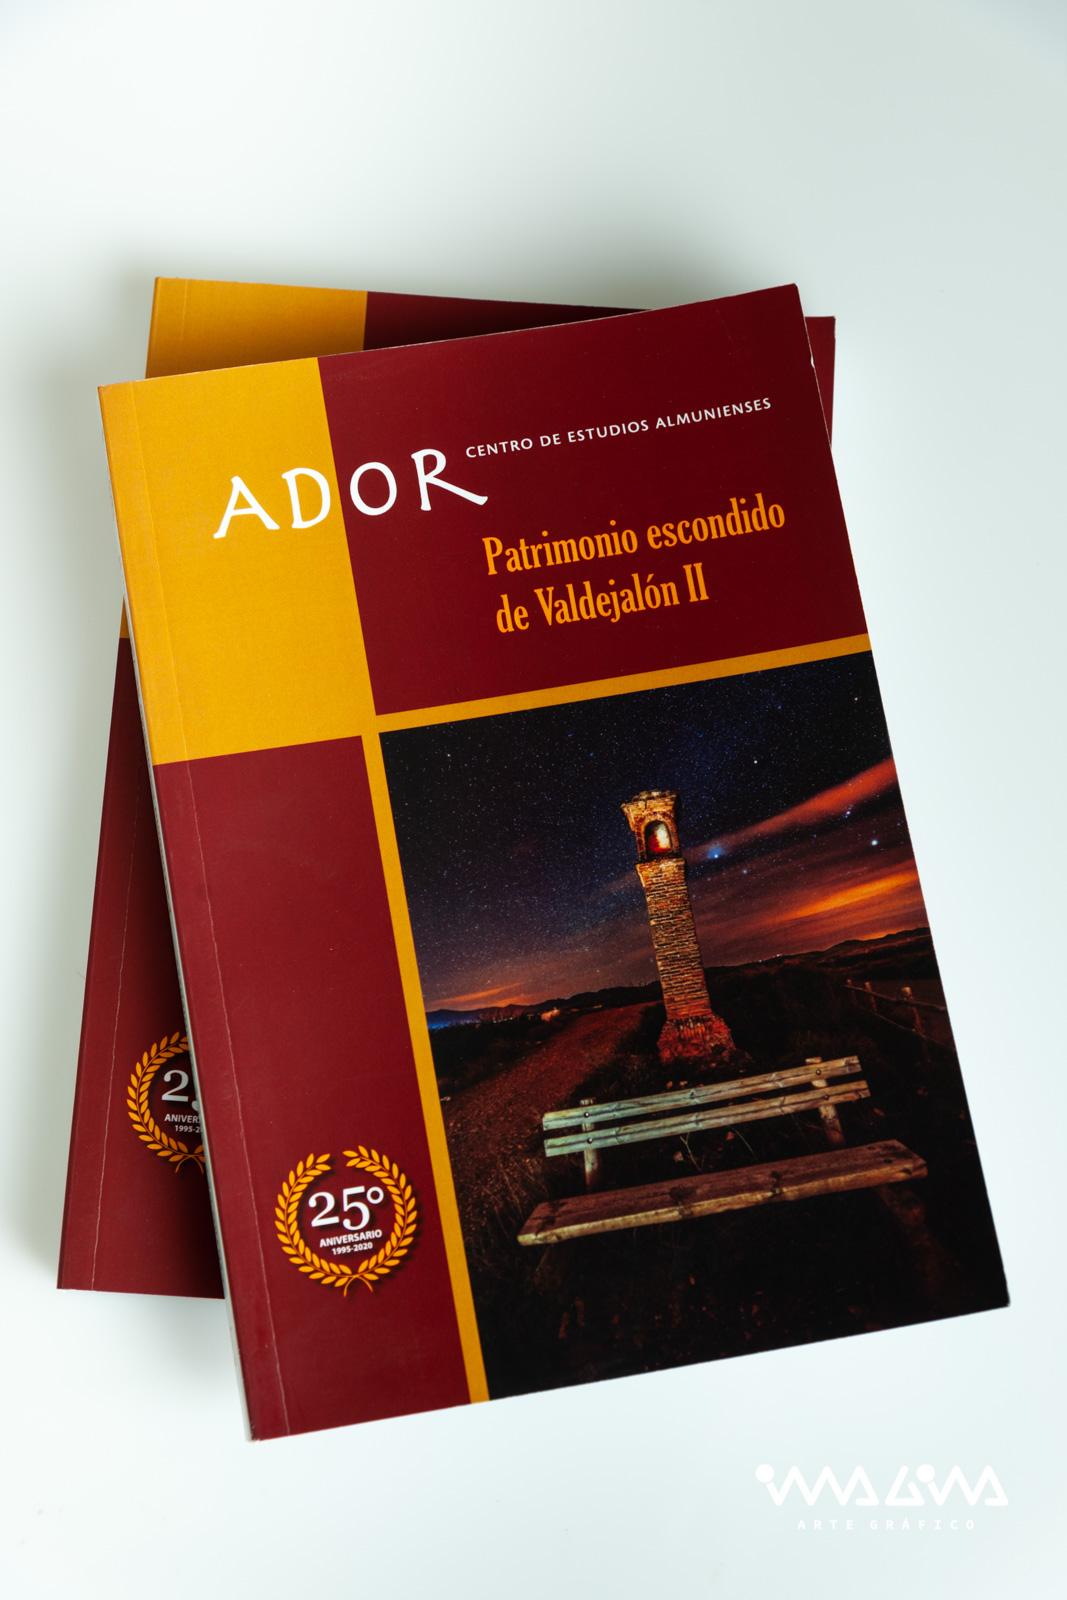 Libro Ador XXV Centro de Estudios Almunienses